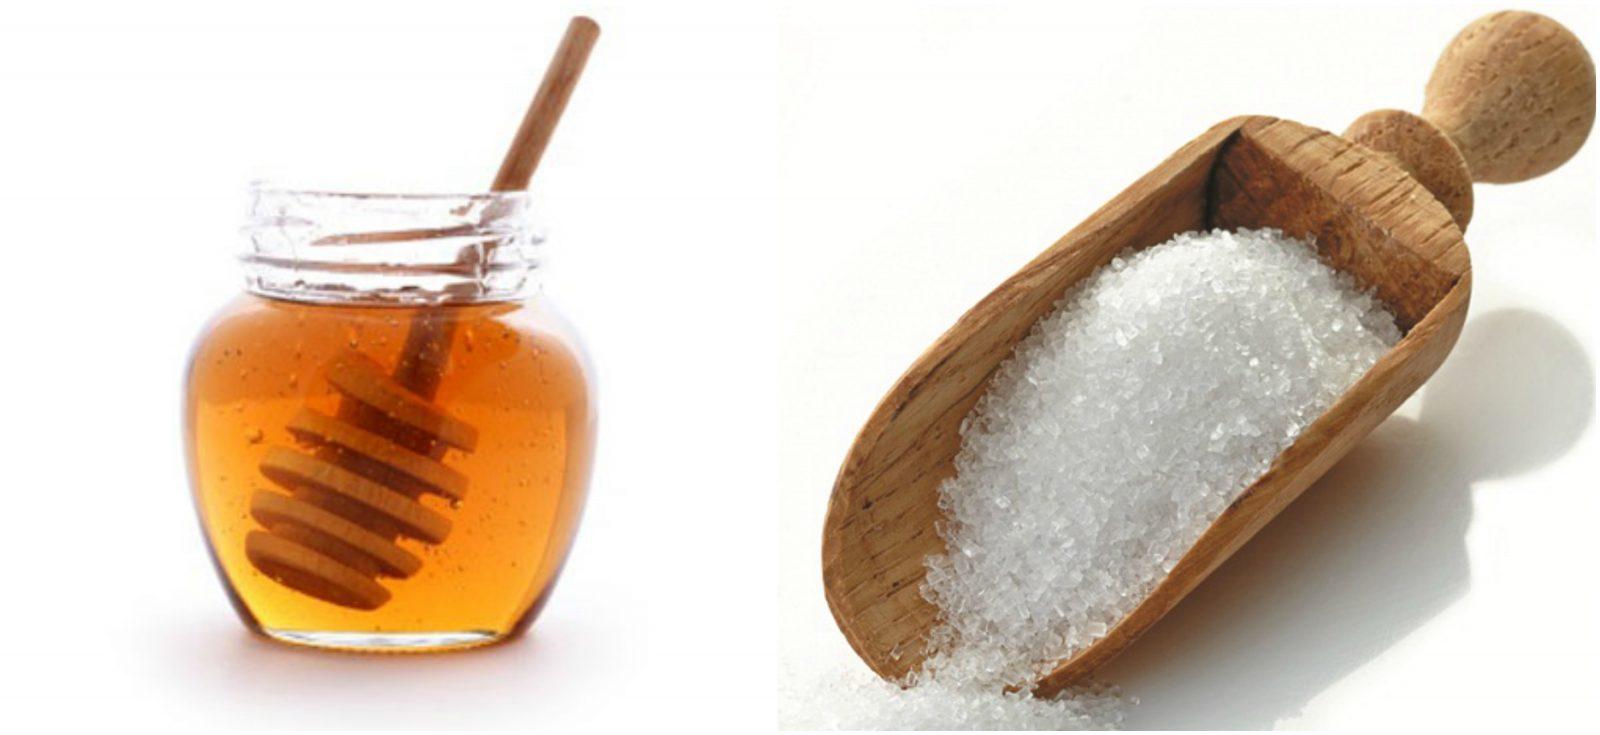 Mật ong và đường là hỗn hợp vừa tẩy vừa nuôi dưỡng da tốt